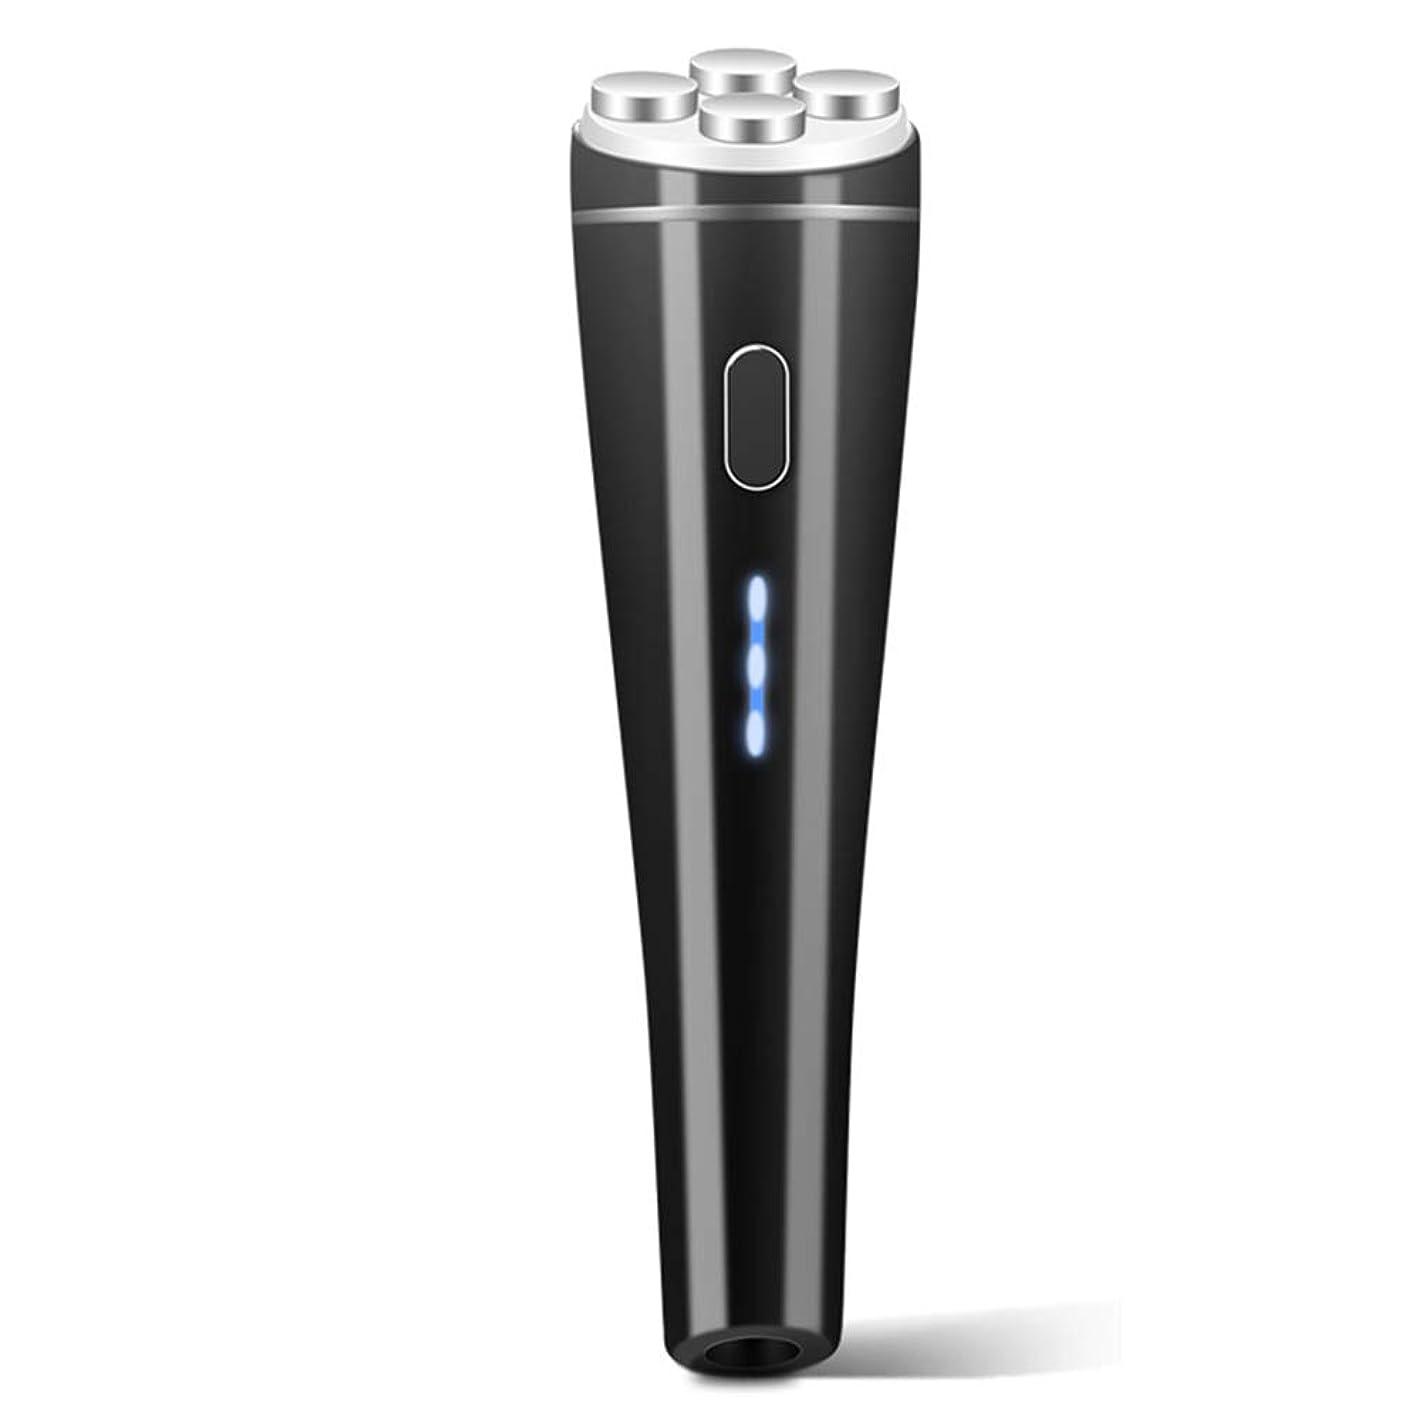 見込み十分彫るMoonvvin LED Photon Skin Rejuvenation EMS Mesotherapy Electroporation Face RF Radio Frequency Skin Care Tighten Lifting Massager